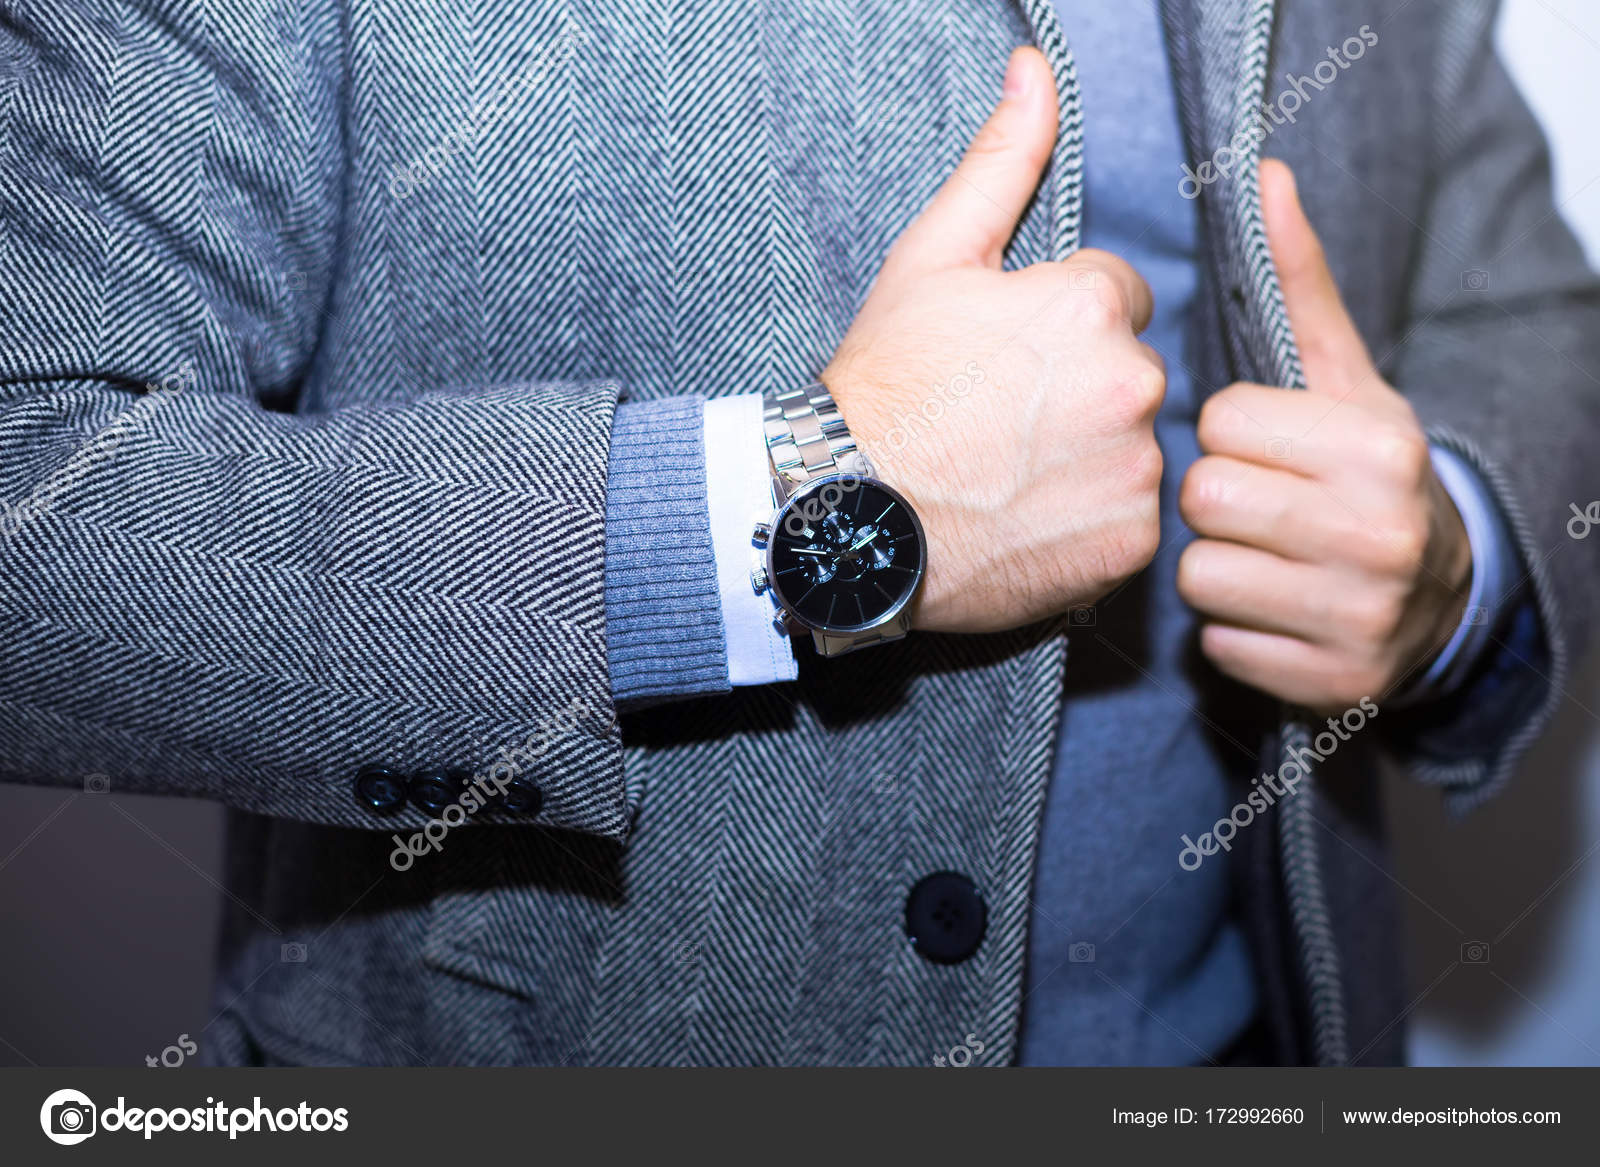 ... του νεαρός επιχειρηματίας μοντέλο όμορφος άνθρωπος σε casual ύφασμα  κοστούμι με εξαρτήματα hands.wearing μαύρο σακάκι 8e4a28908f4